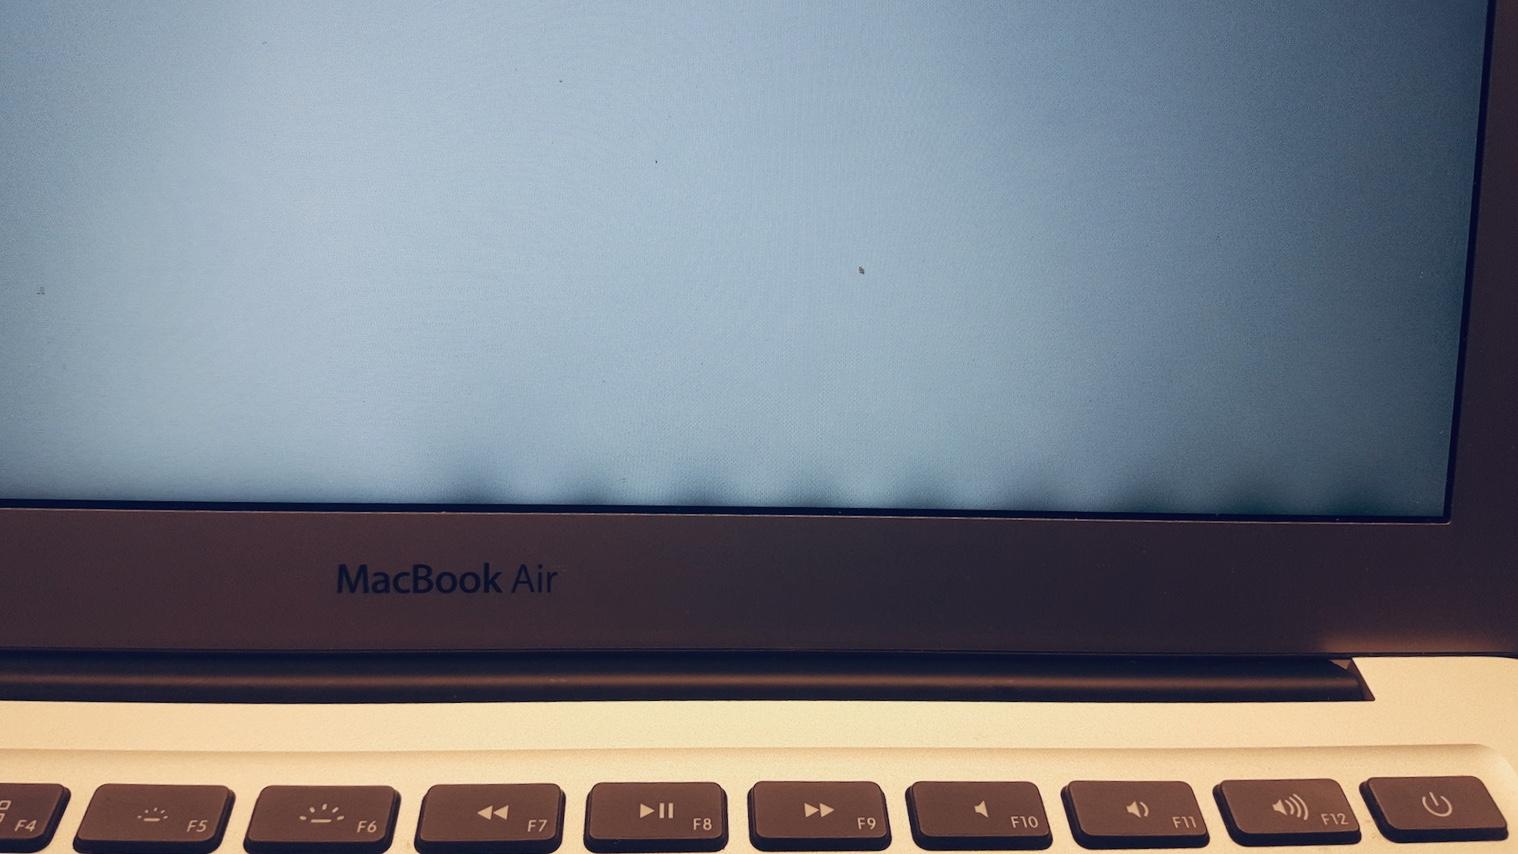 háttérfény probléma Mac, Mac javítás cikksorozat, MacBook képernyő hiba, foltos